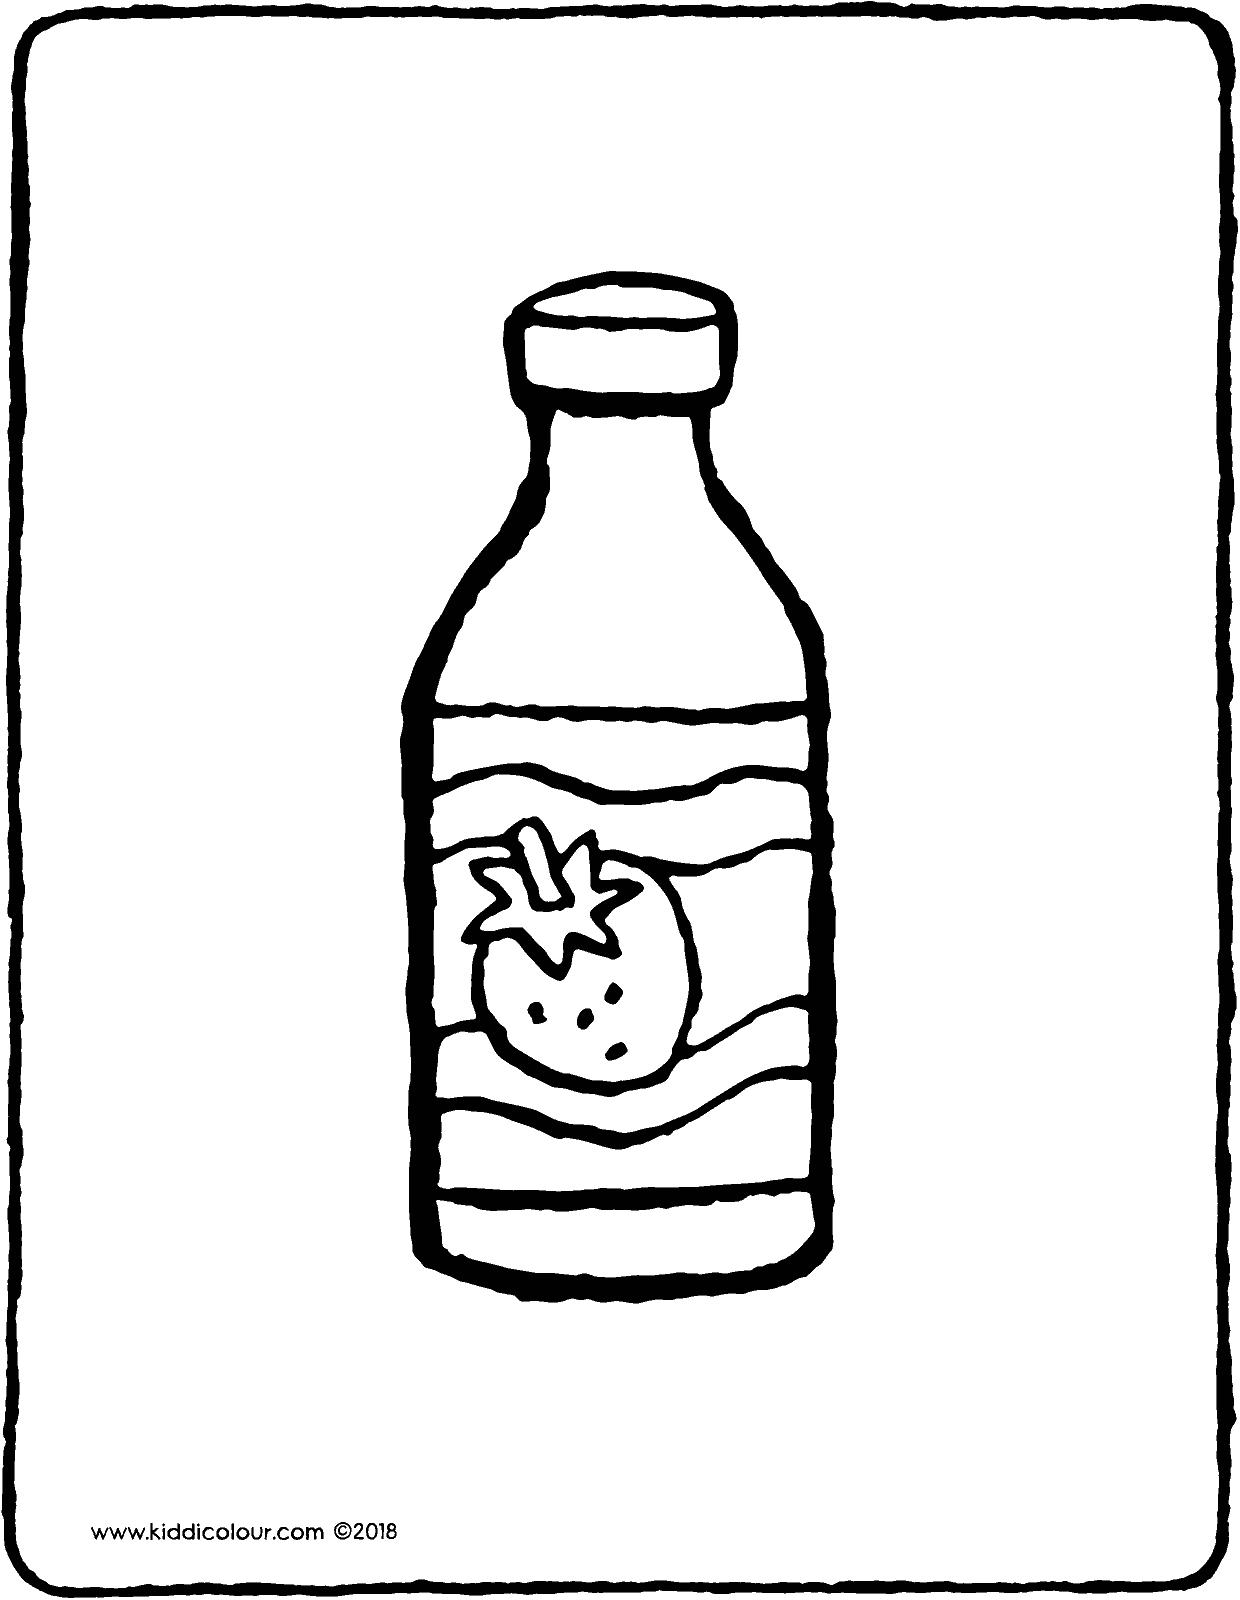 1240x1600 A Bottle Of Drinking Yogurt